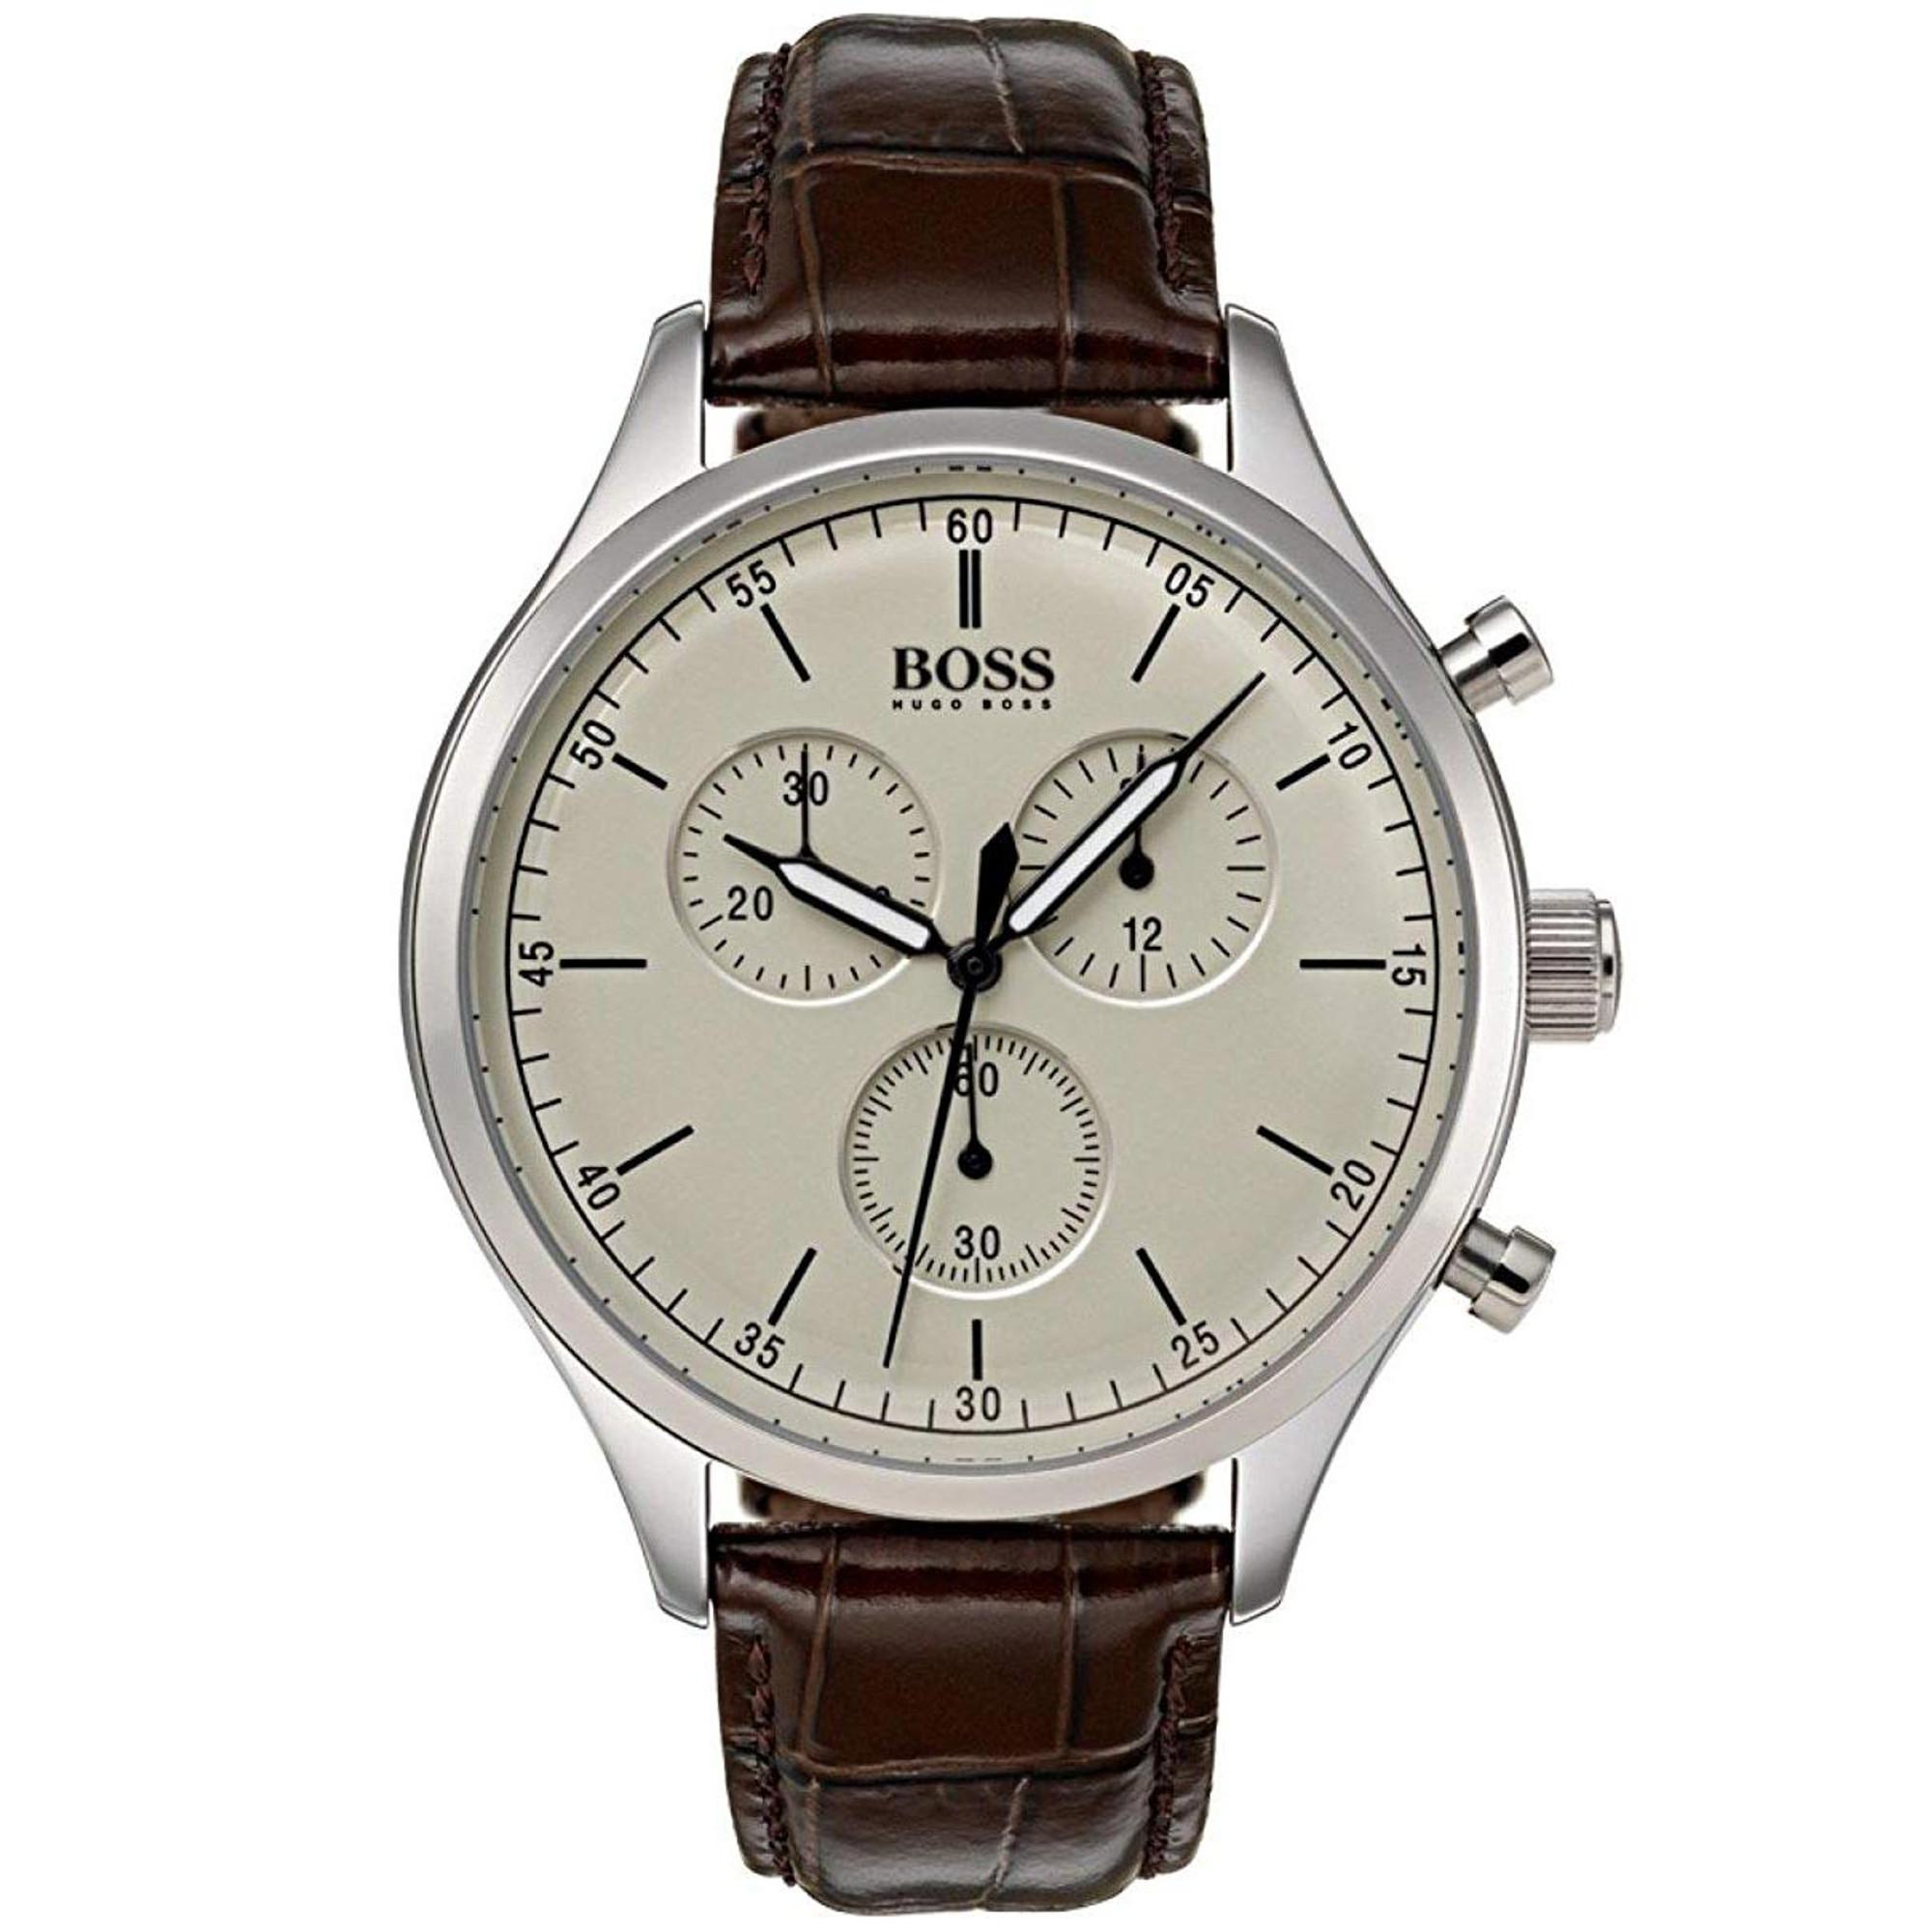 HUGO BOSS Companion Quarz Chronograph HB1513544